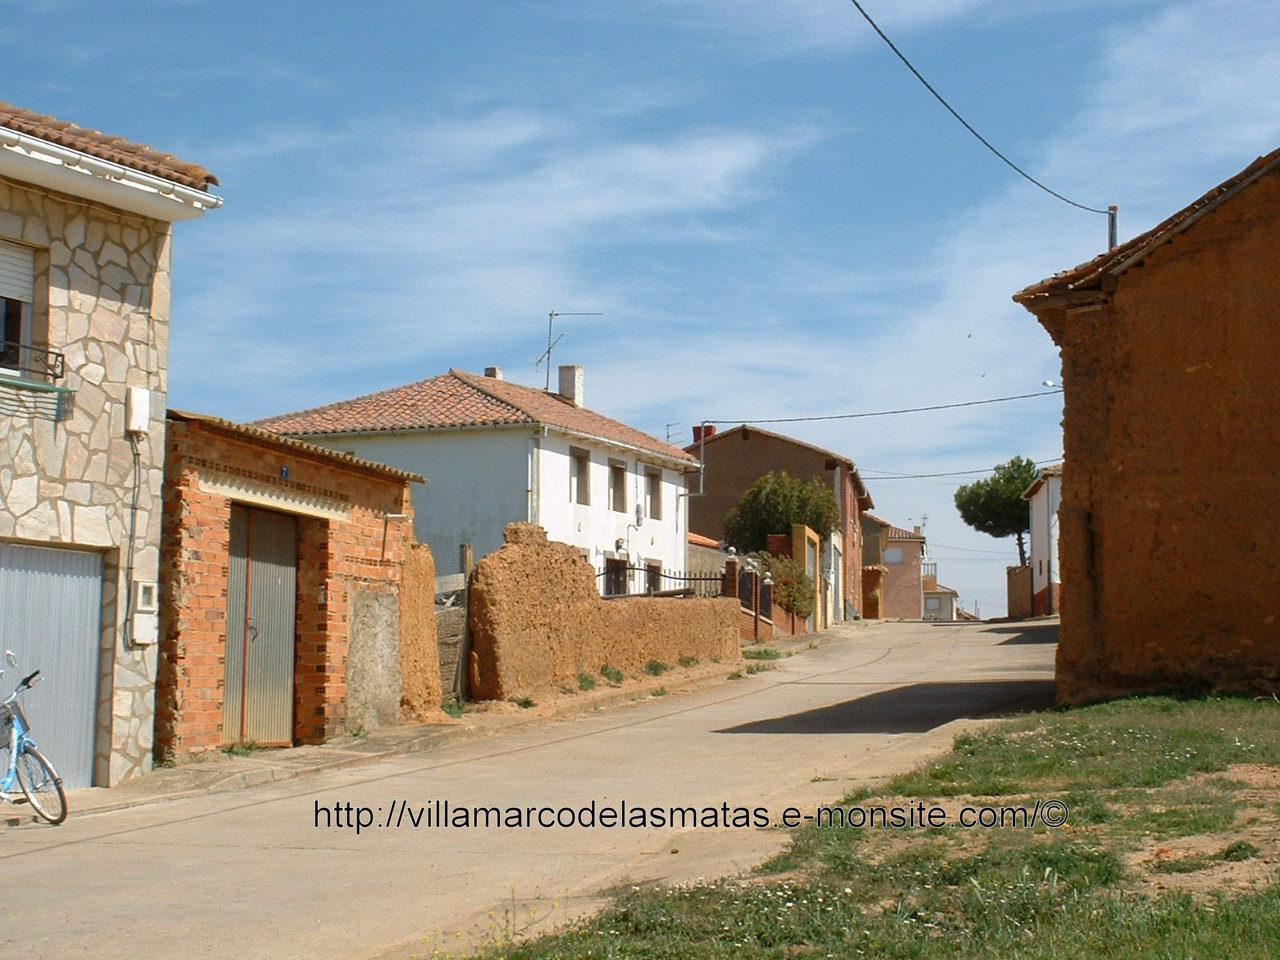 Calle del Cristro